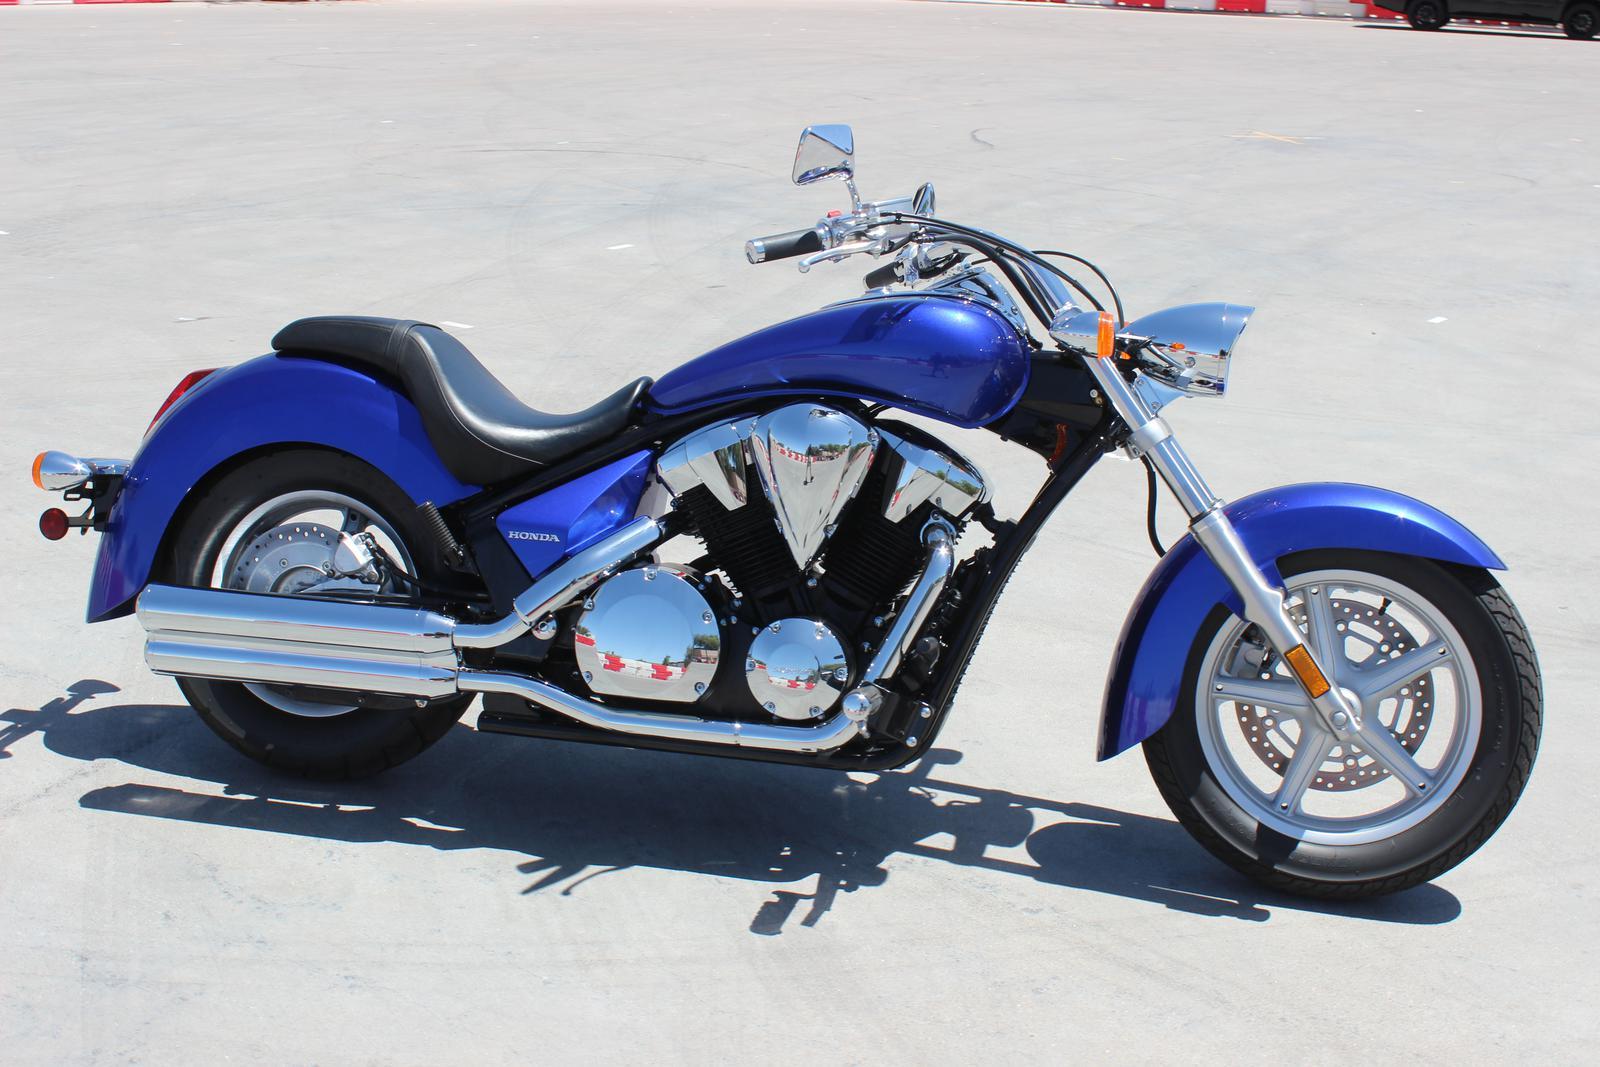 2016 Honda Stateline for sale in Scottsdale, AZ   GO AZ Motorcycles ...